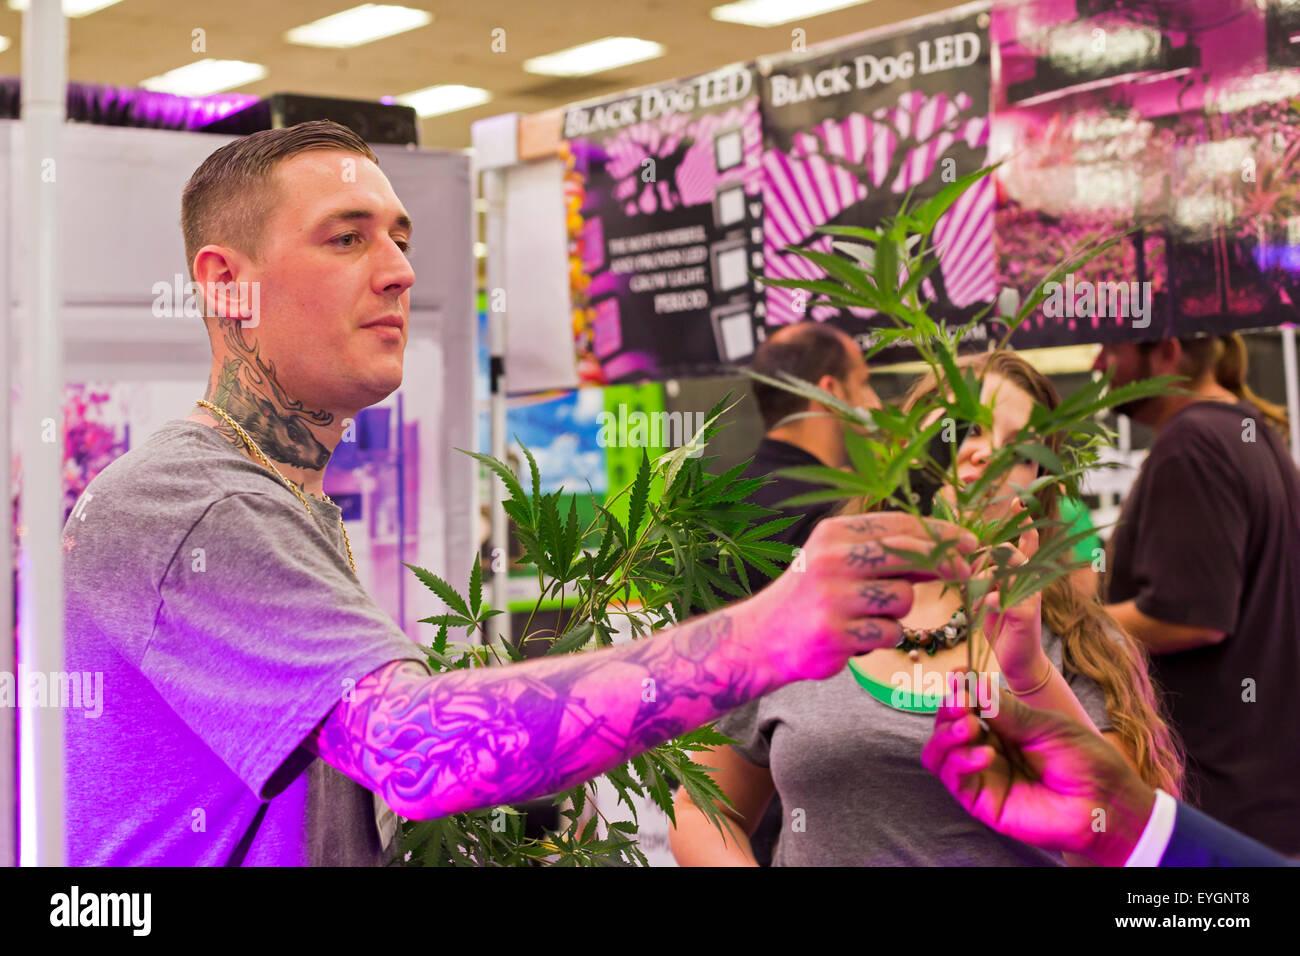 Denver, Colorado - un venditore di crescere luci a INDO Expo, la marijuana trade show. Foto Stock